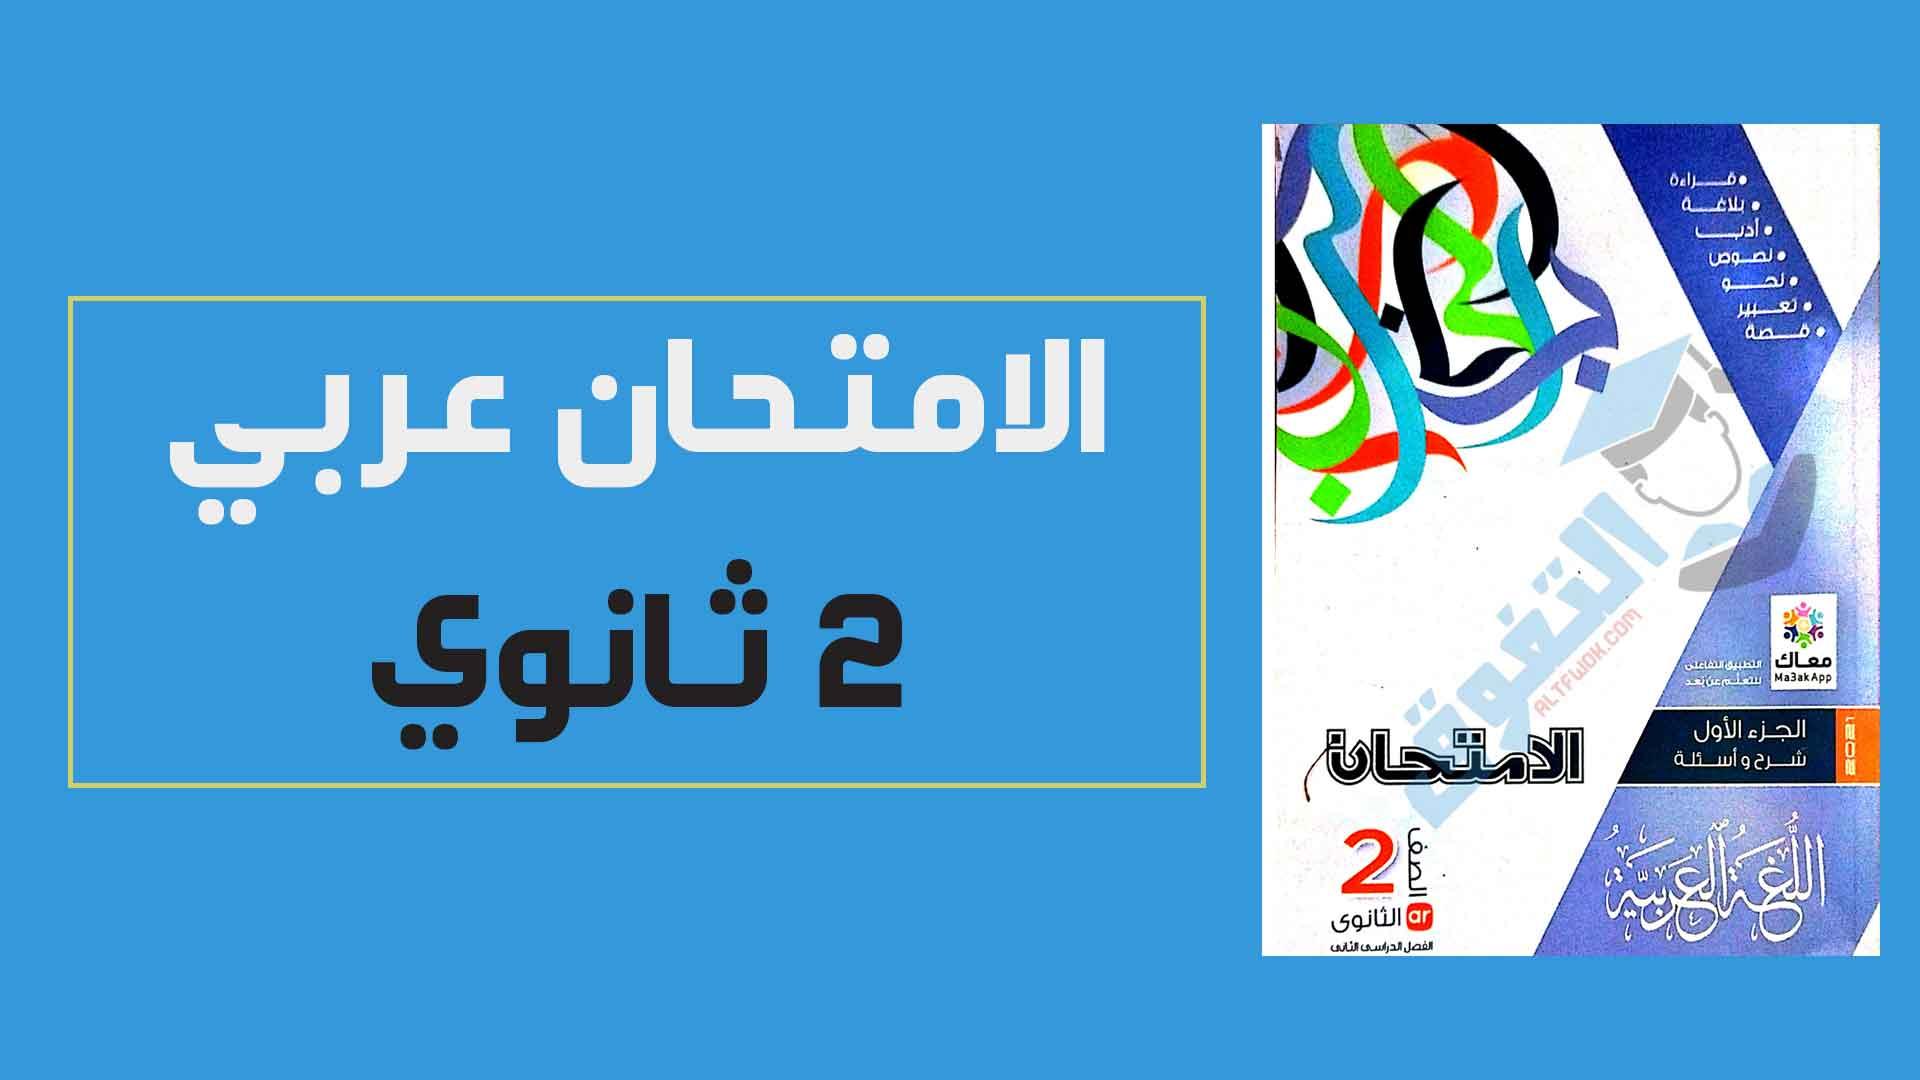 تحميل كتاب الامتحان فى اللغة العربية للصف الثانى الثانوى الترم الثانى 2021 pdf (كتاب الشرح النسخة الجديدة )